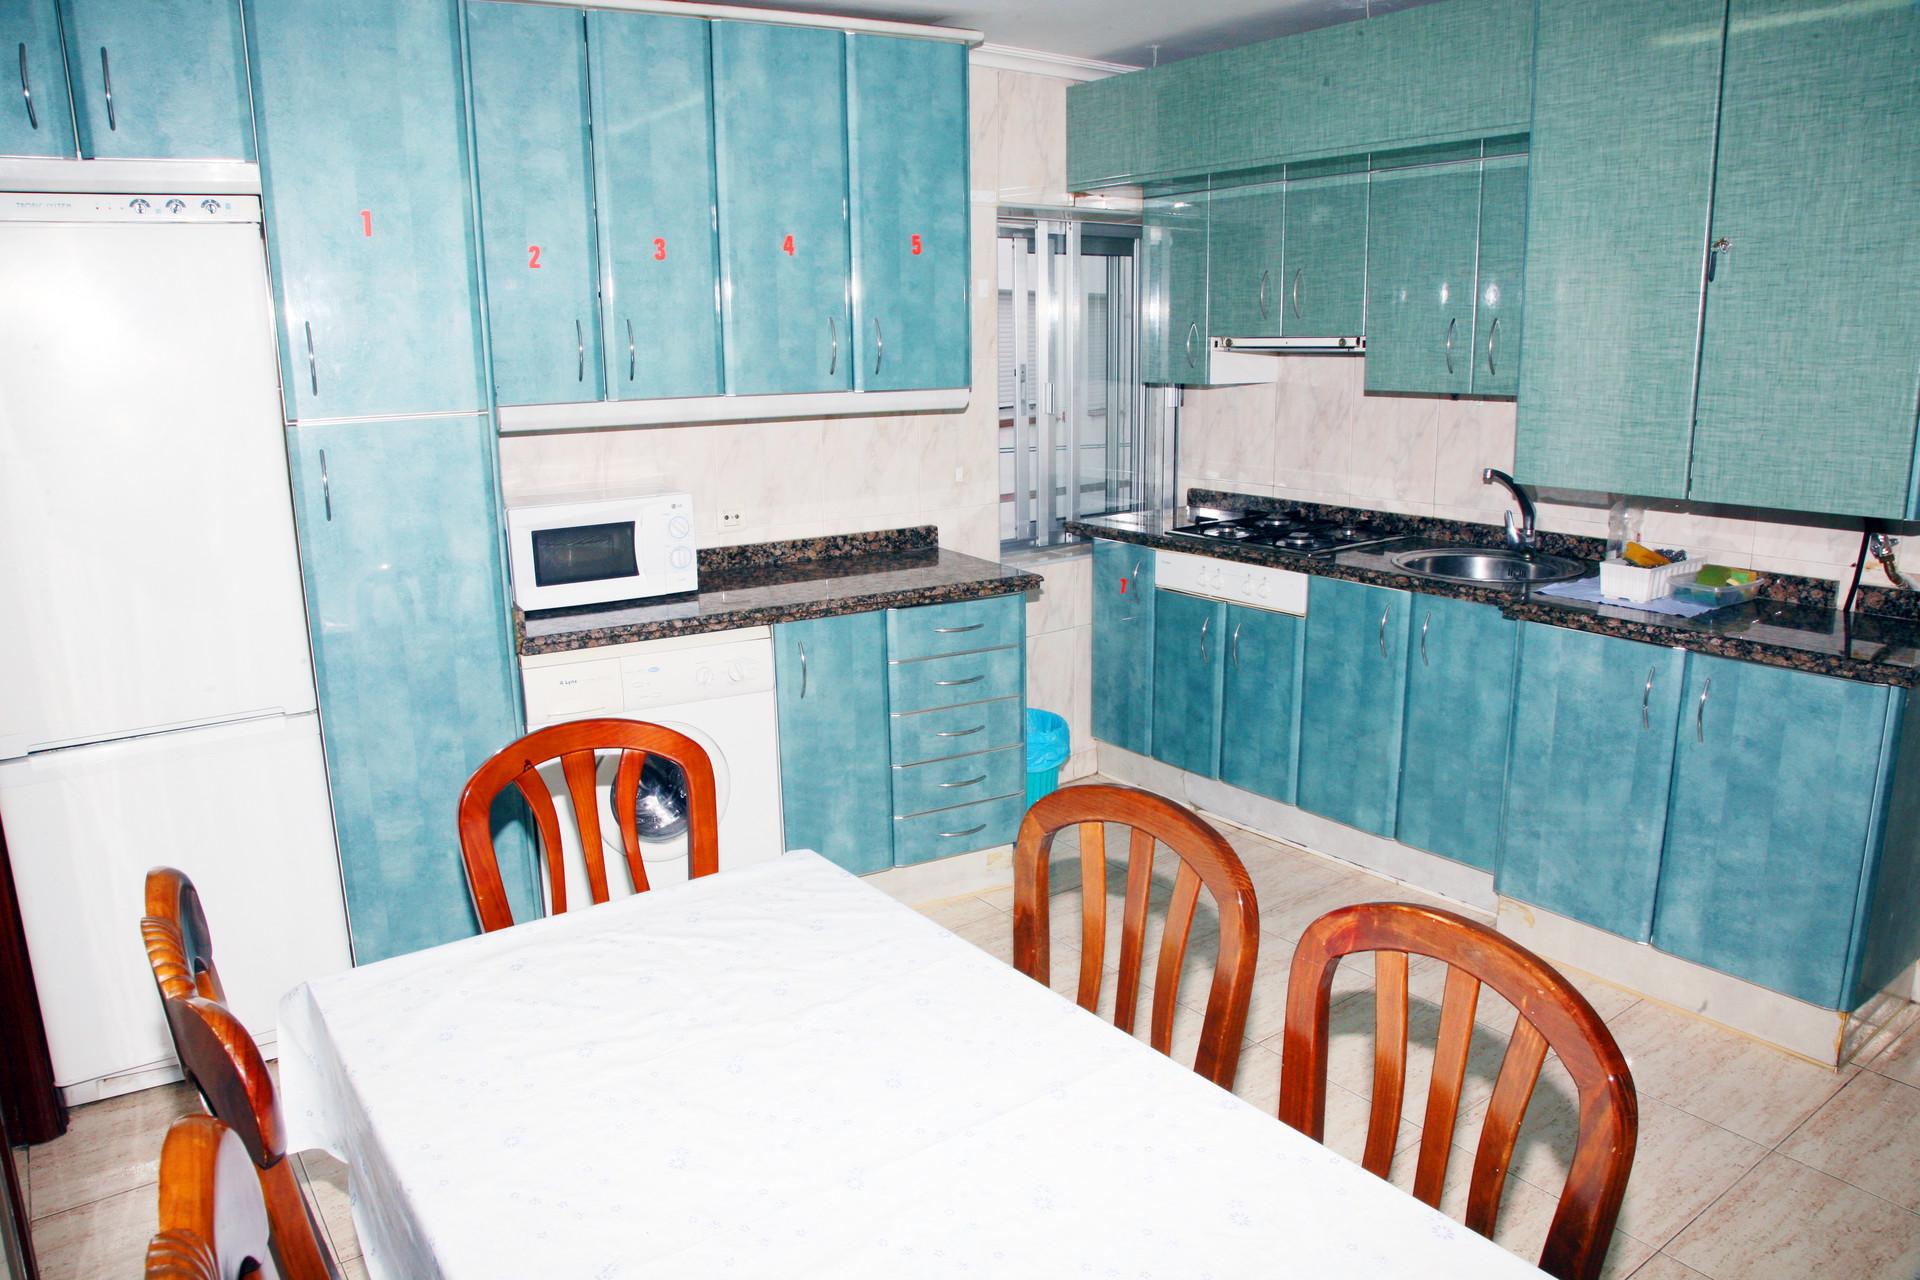 habitacion-bano-privado-habitacion-04a09